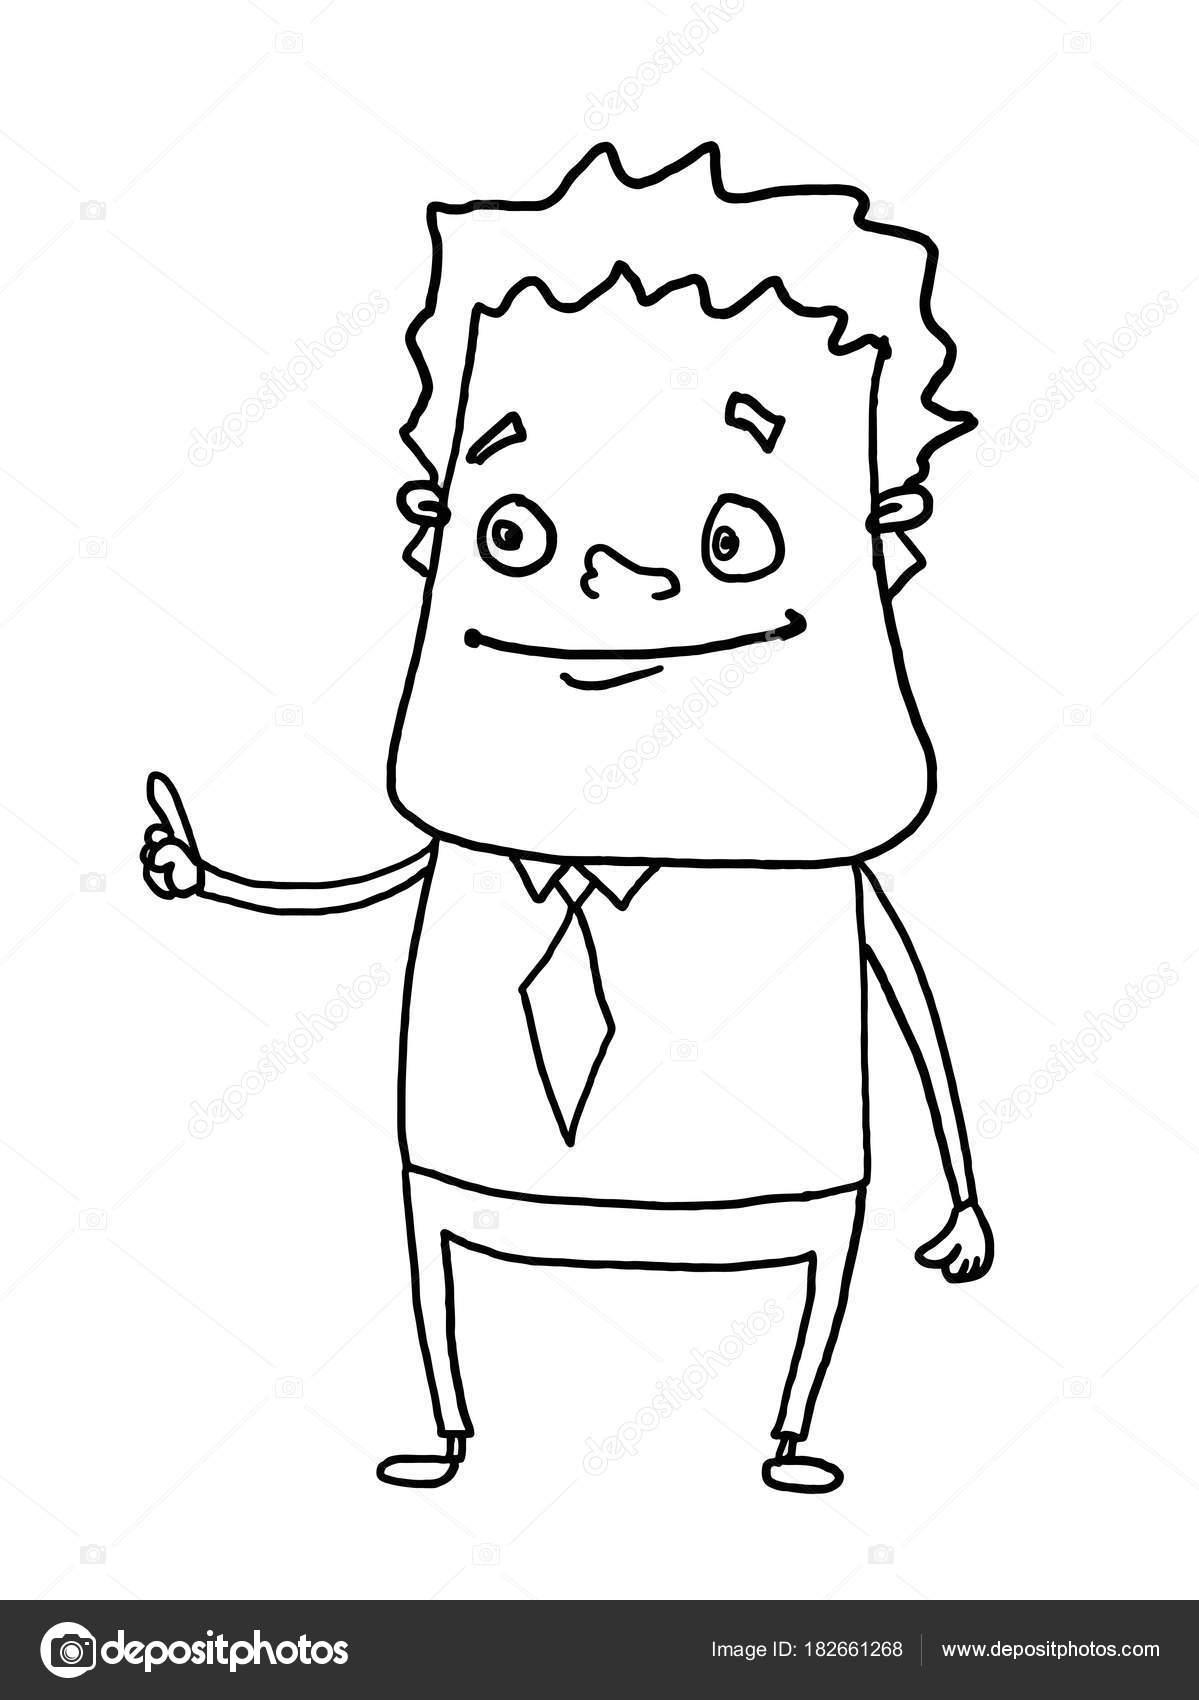 Geschäftsmann Gefühl Abbildung Zeichnung Stockfoto Designartks